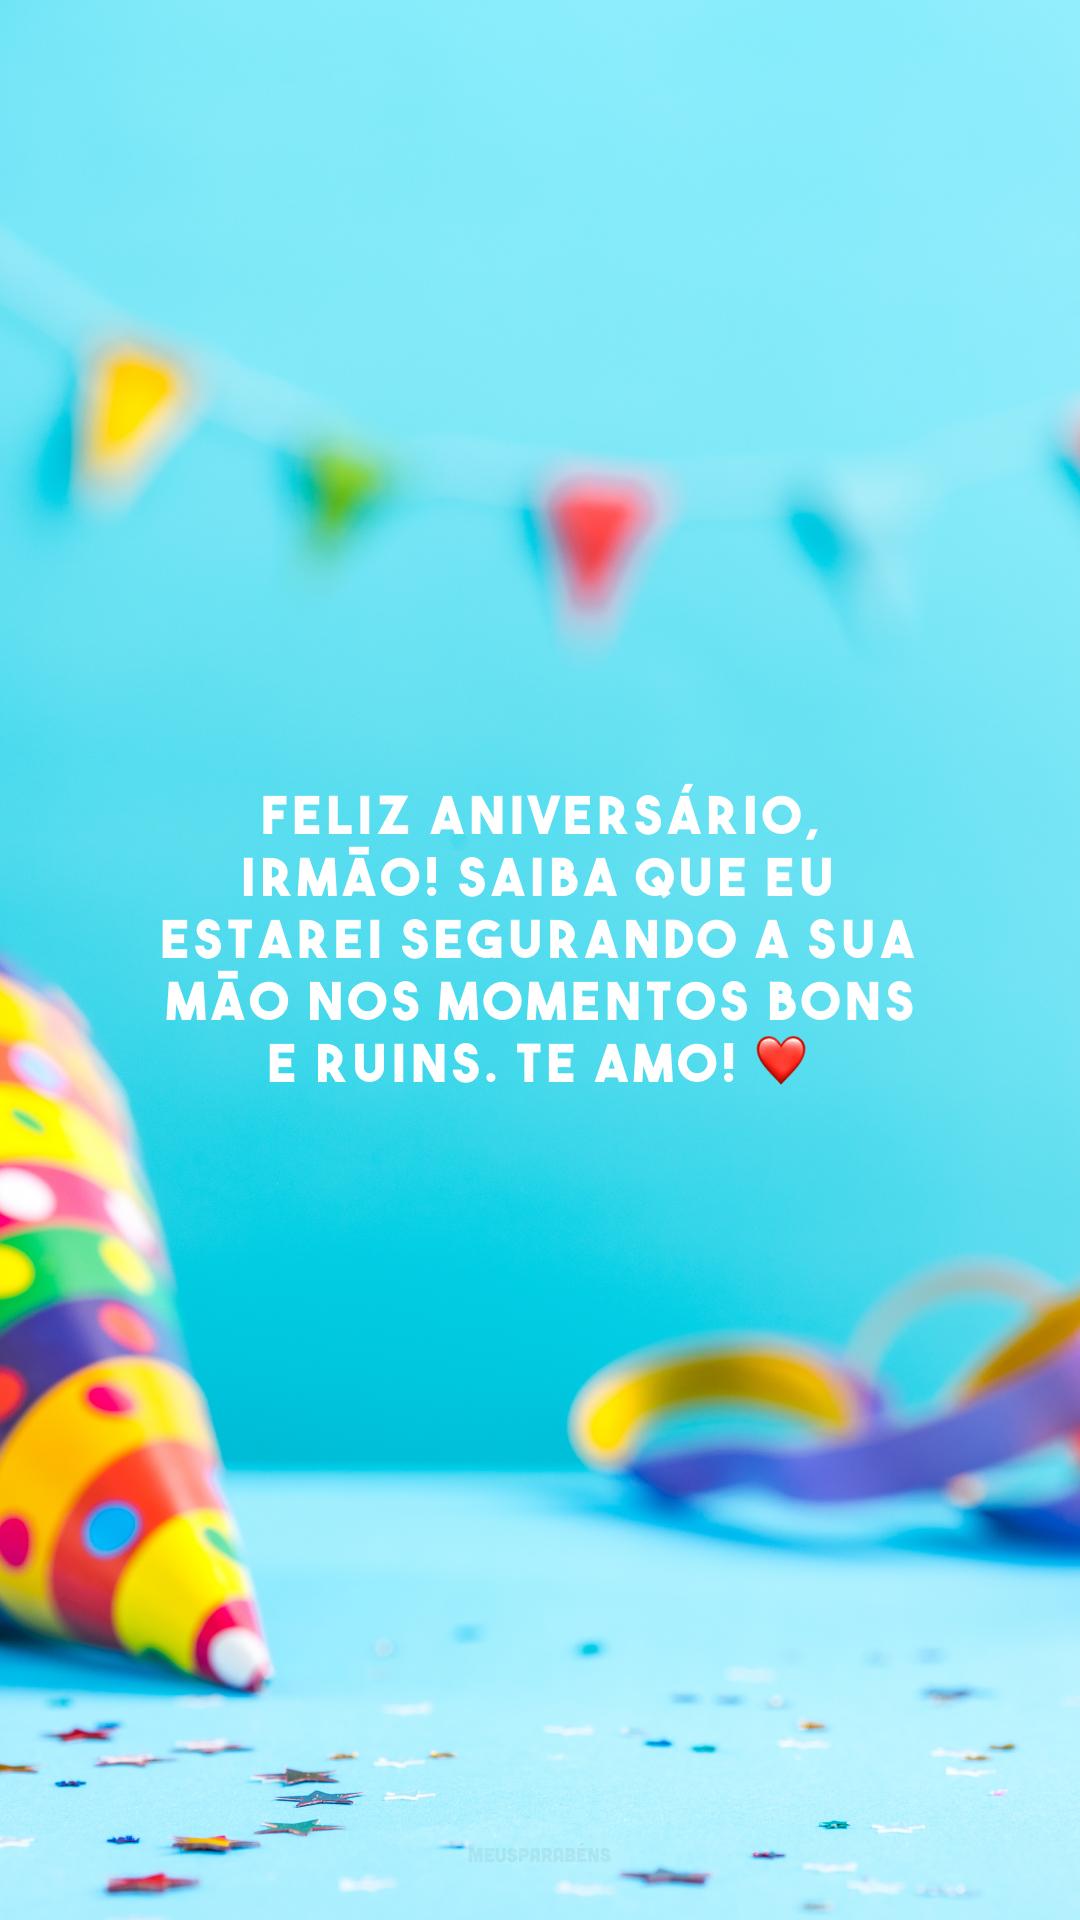 Feliz aniversário, irmão! Saiba que eu estarei segurando a sua mão nos momentos bons e ruins. Te amo! ❤️